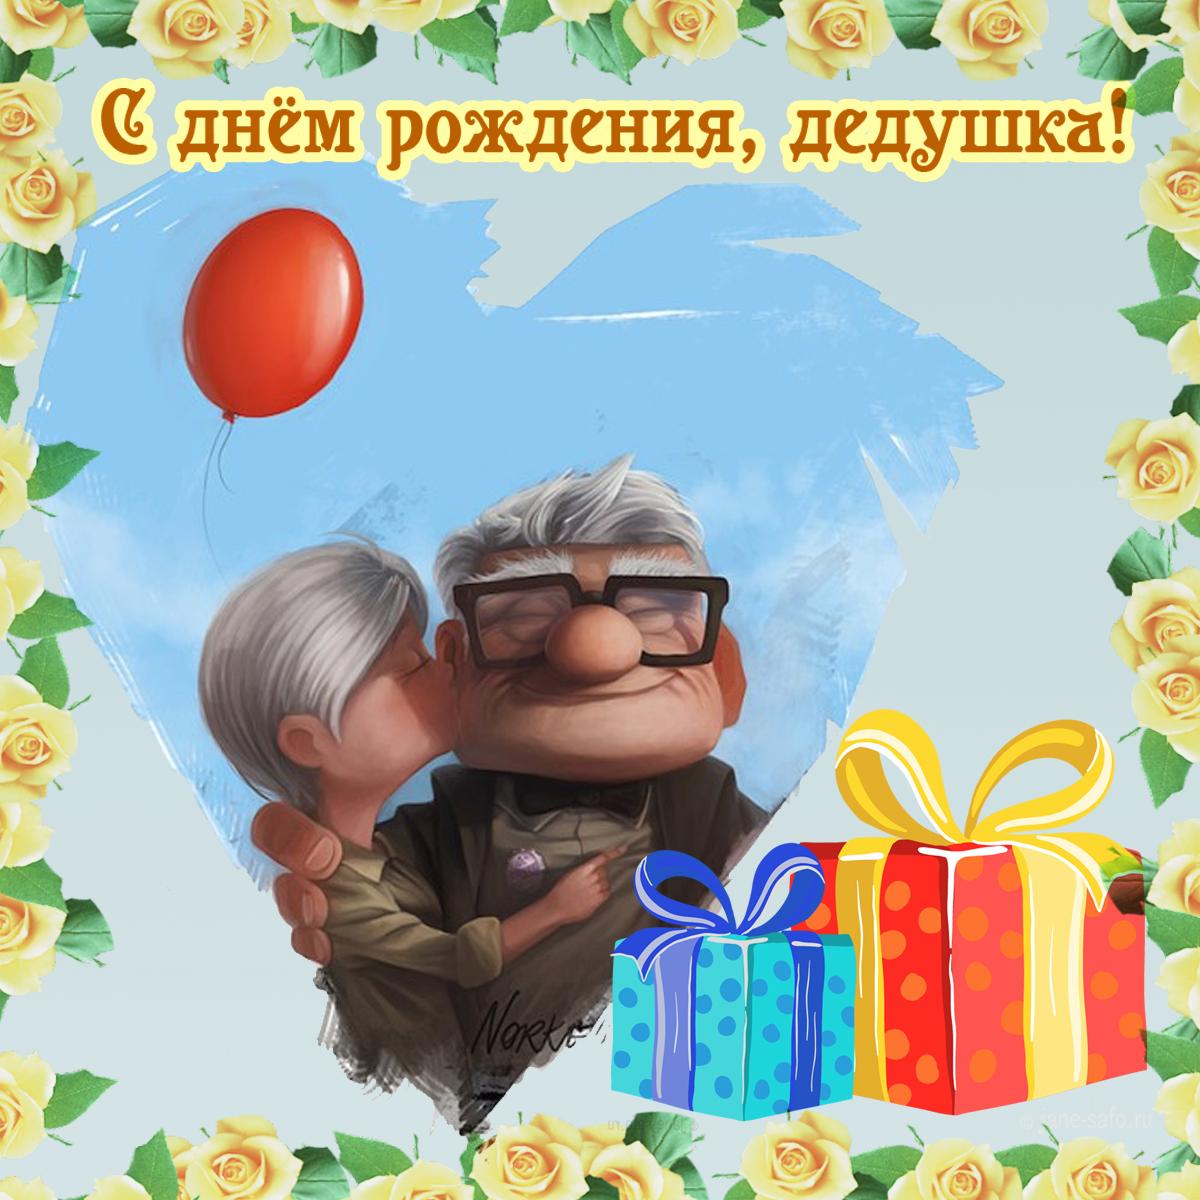 Поздравления с днем рождения с приколами деду узнала нем